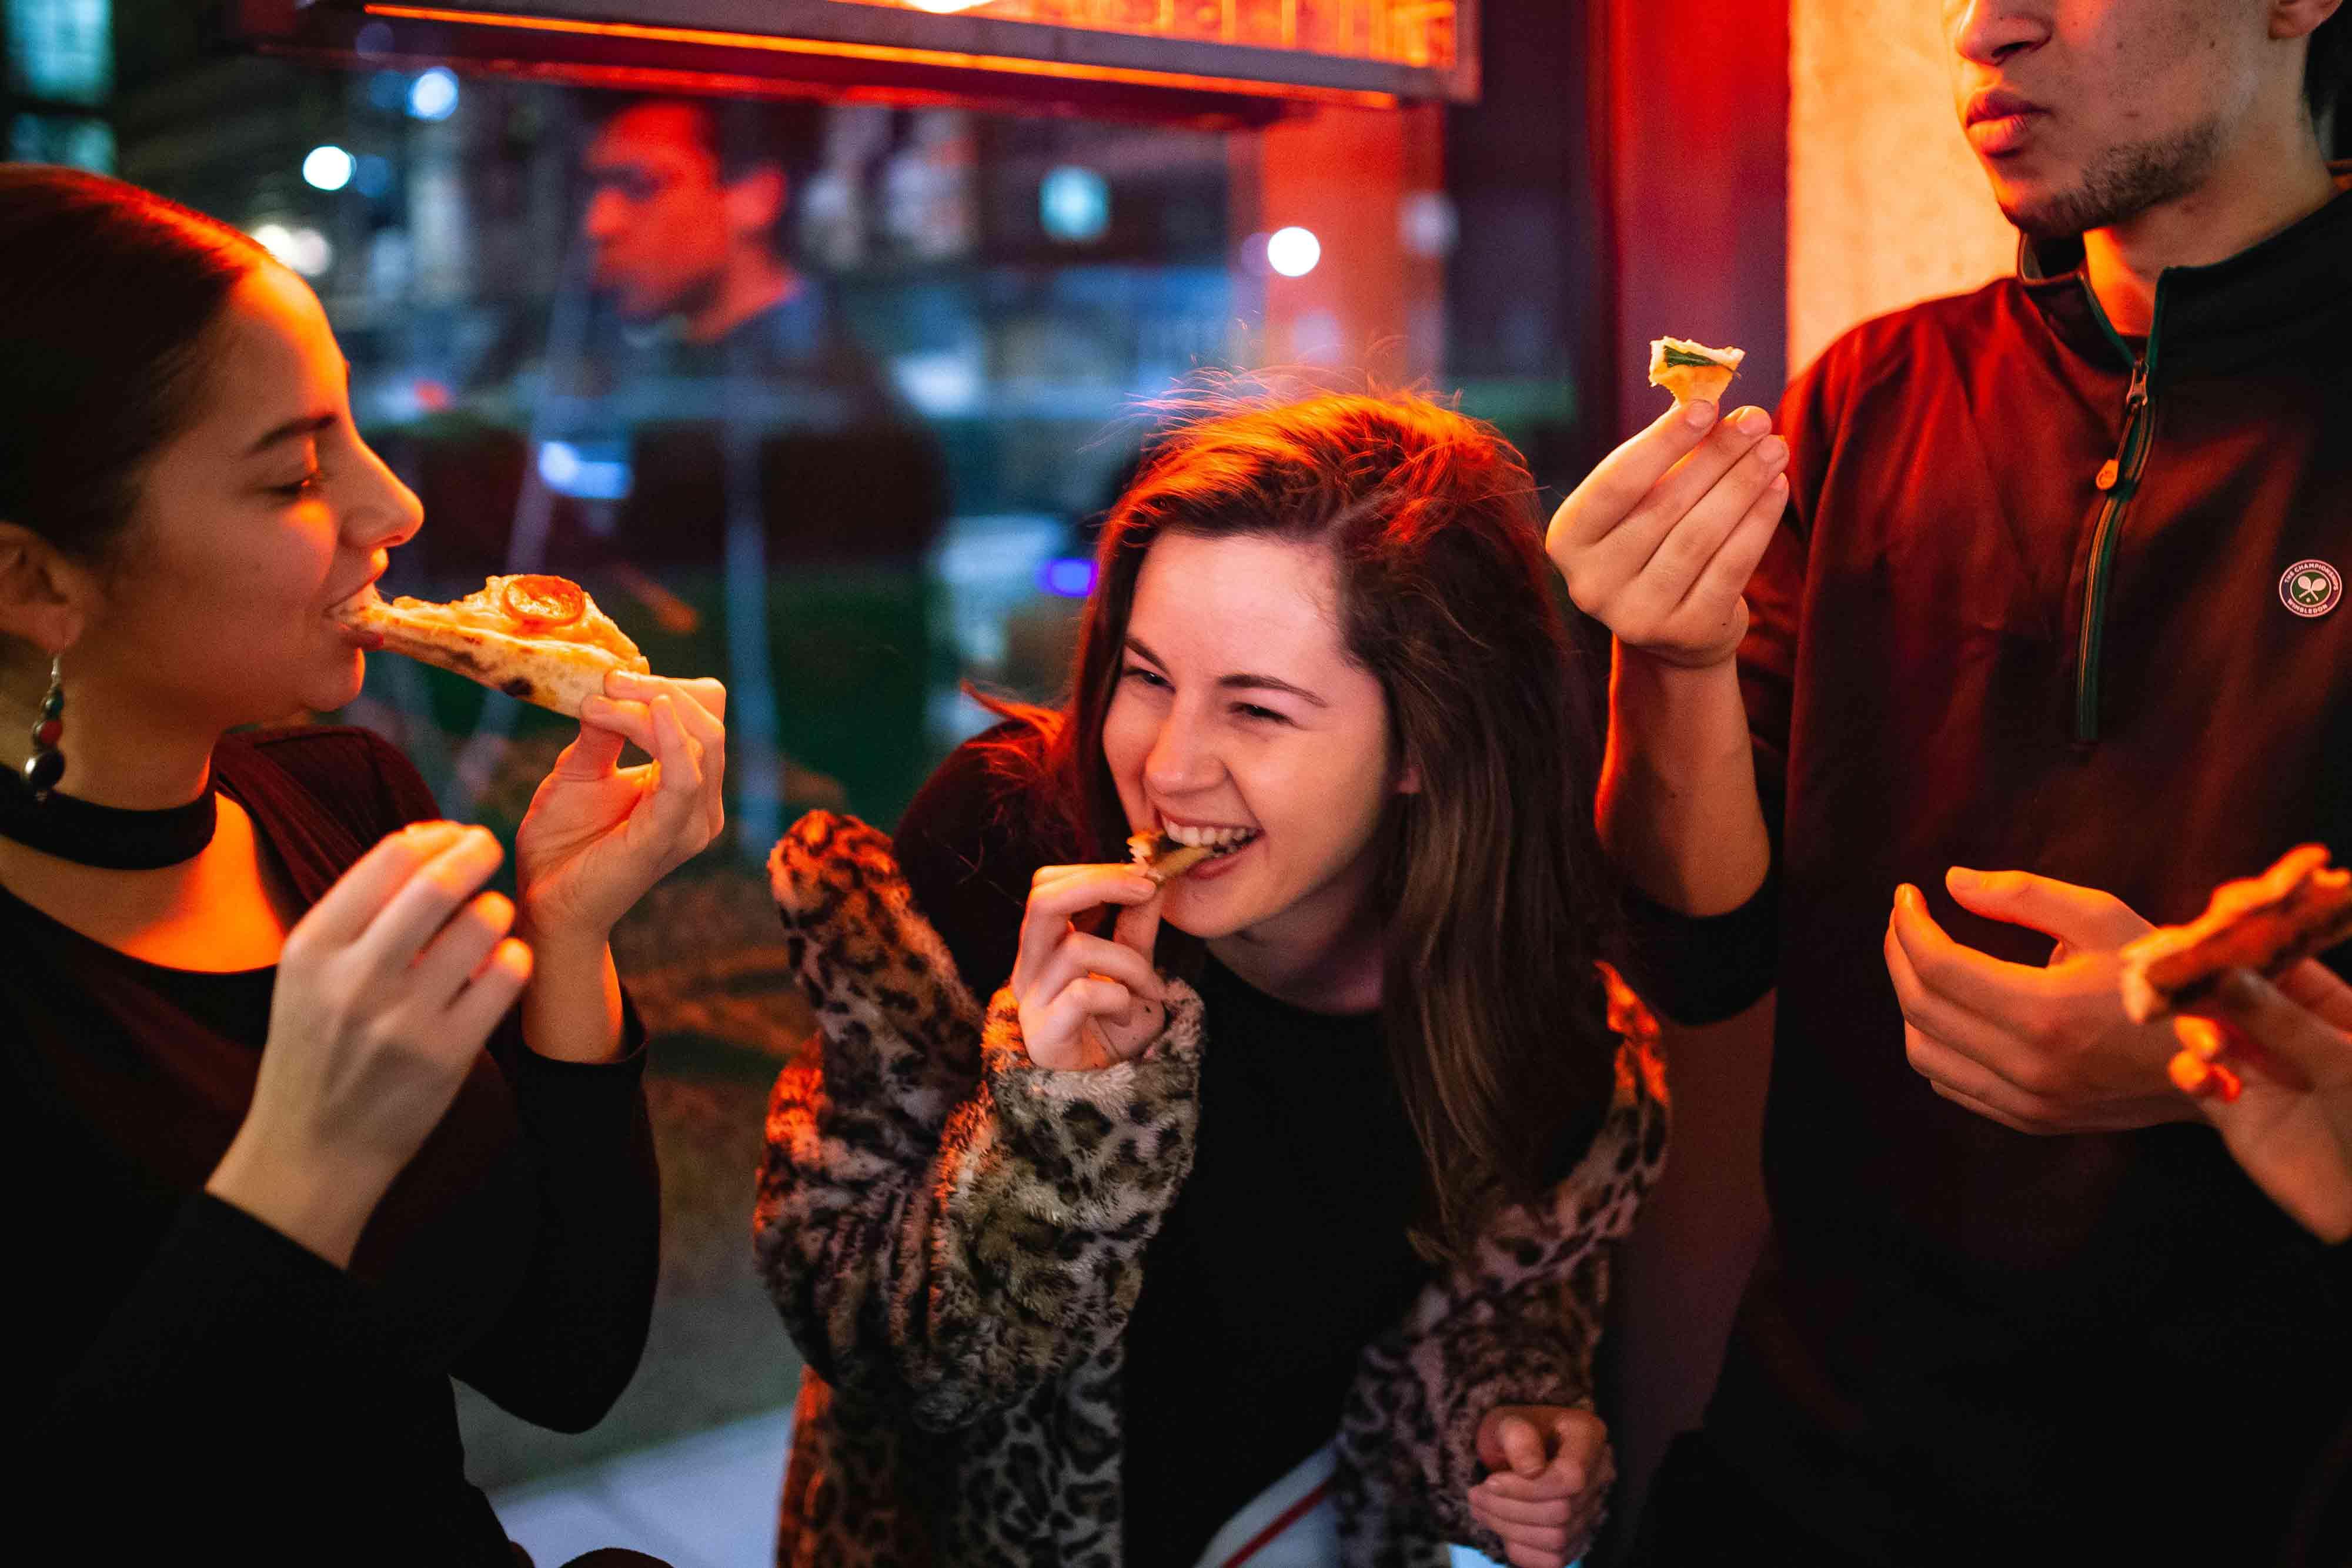 People loving pizza